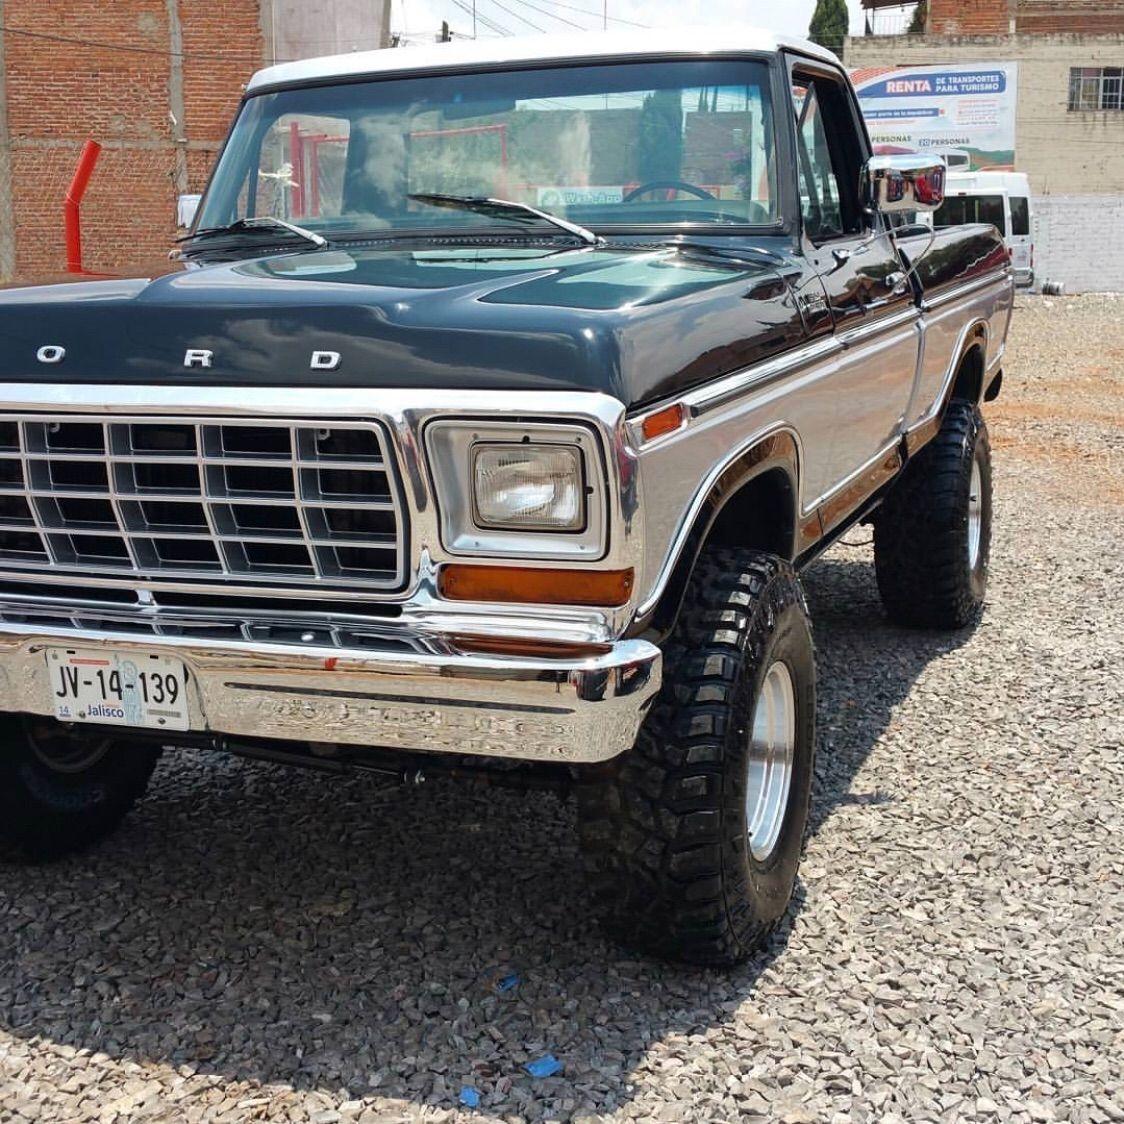 1979 trocas ford autos camionetas 4x4 chatas rayo carritos compras